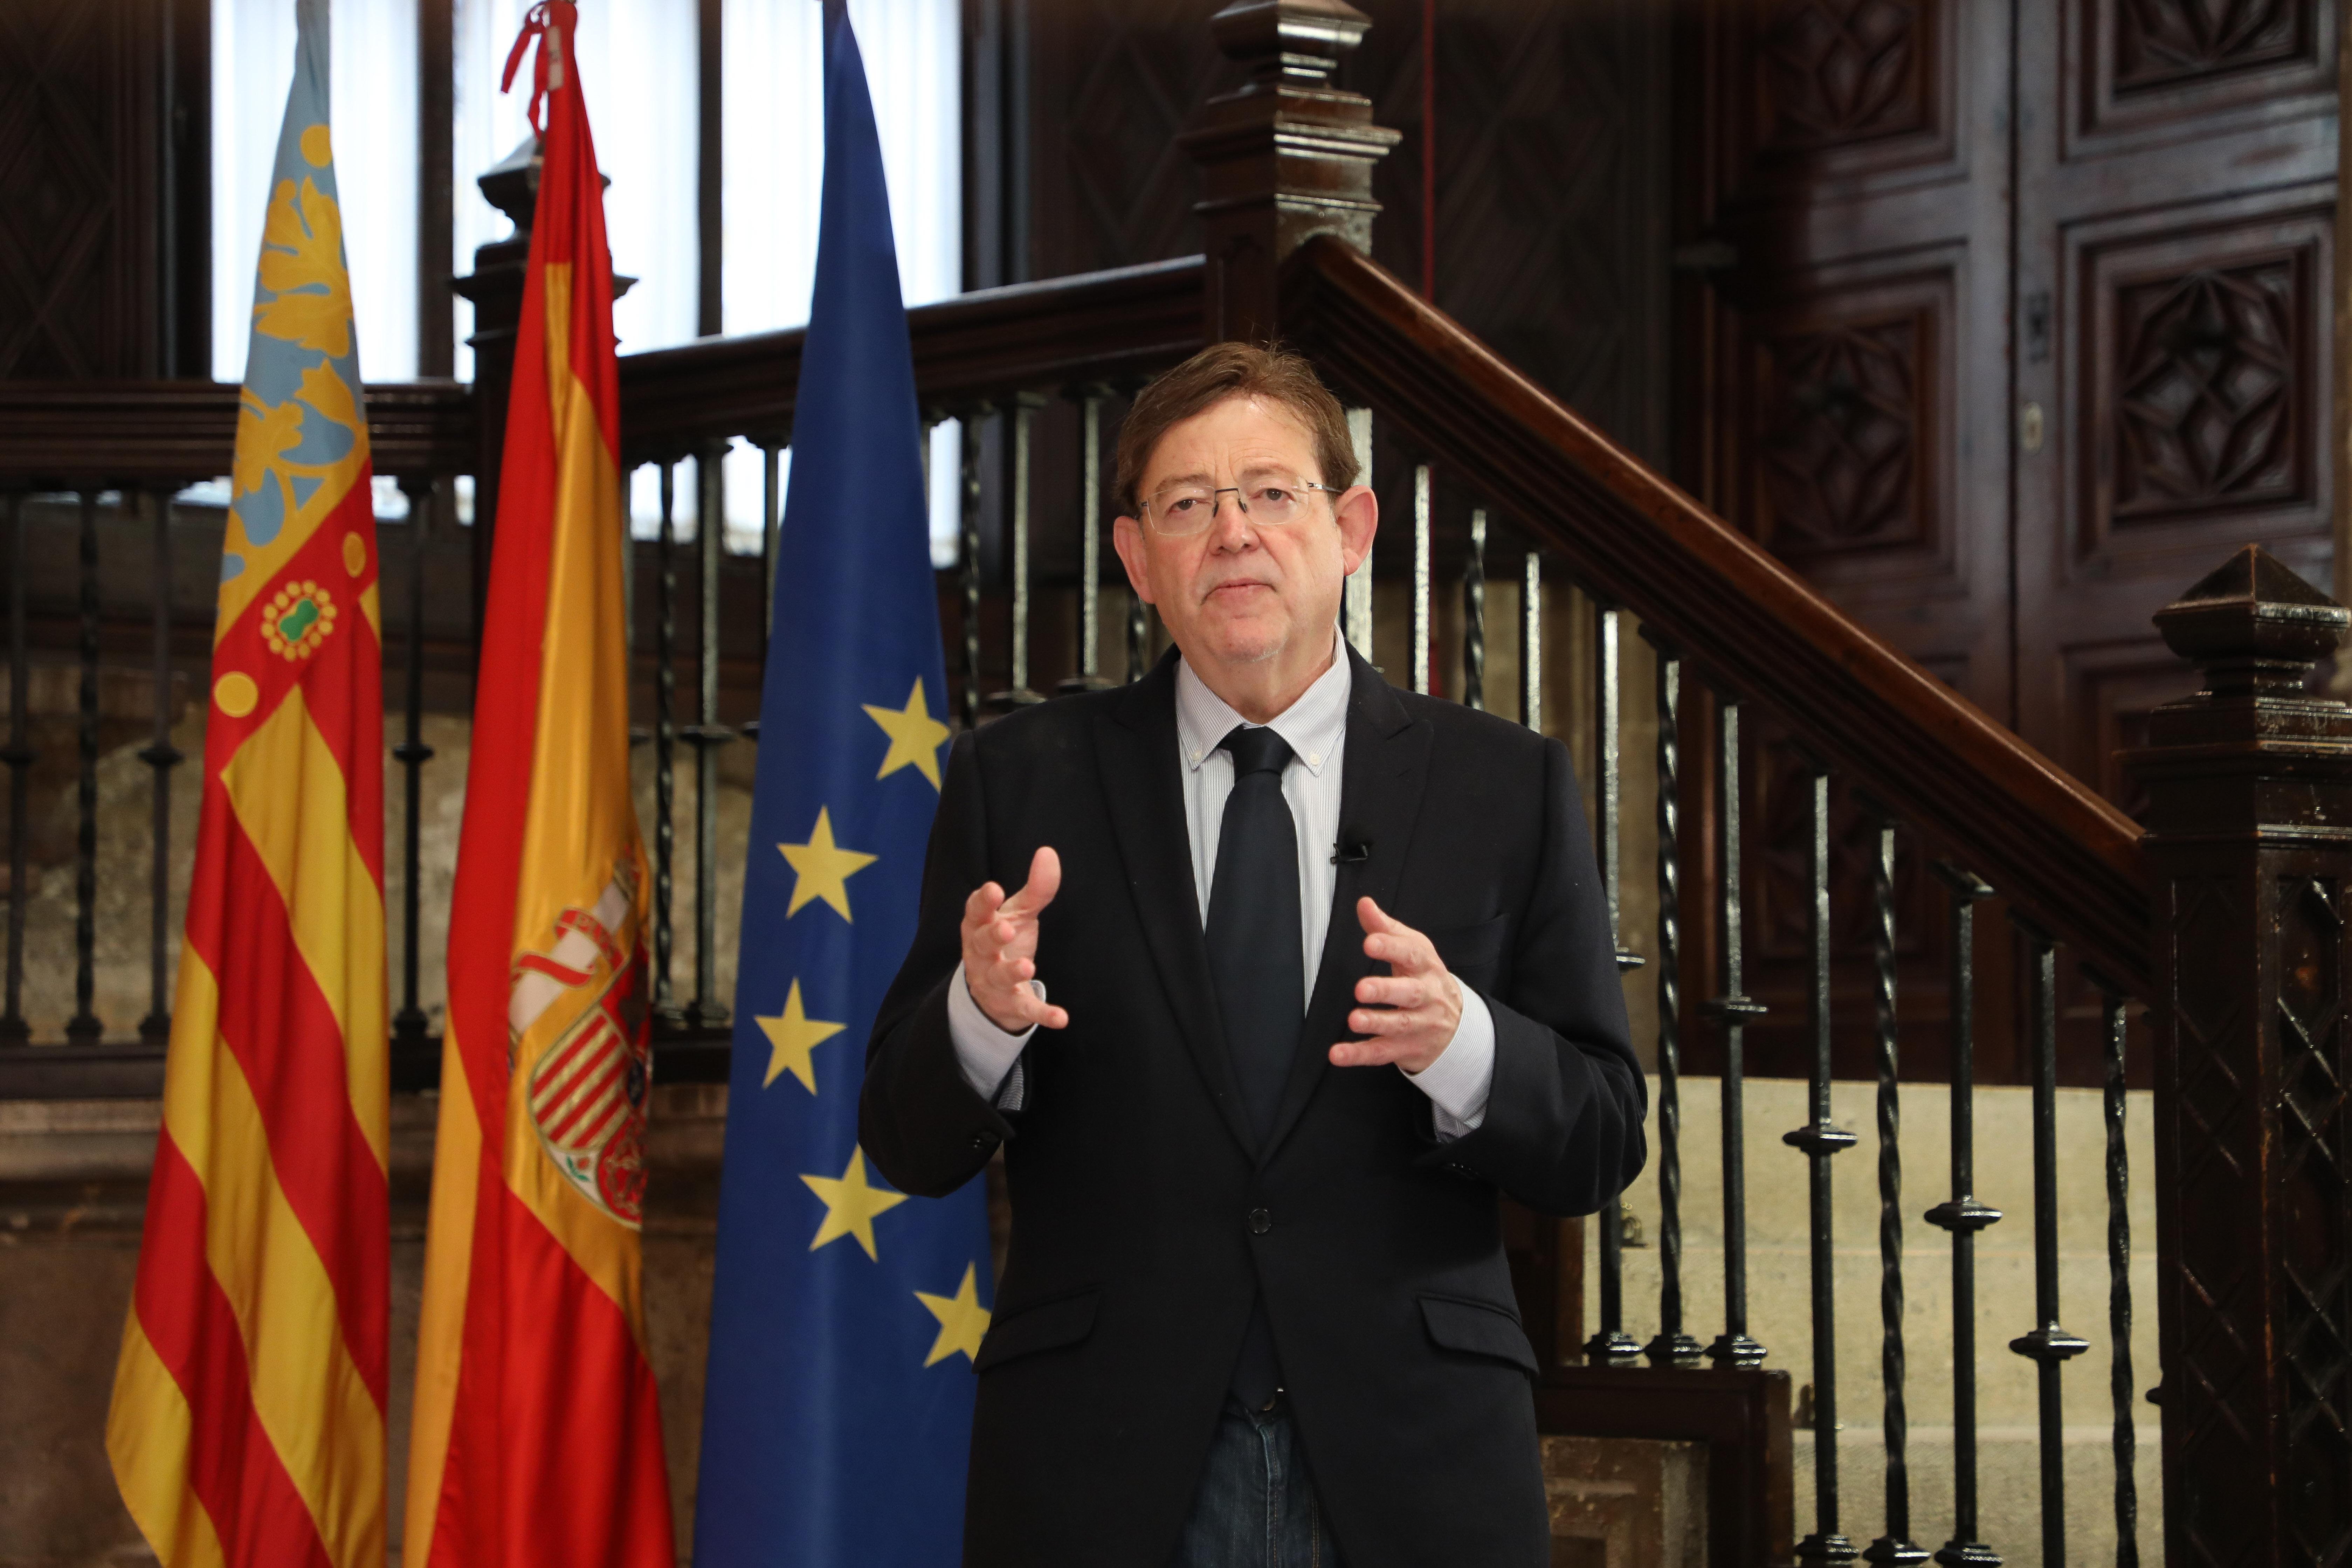 Ximo Puig anuncia noves restriccions que inclouen la limitació de les reunions al nucli de convivència i el confinament perimetral de grans ciutat...